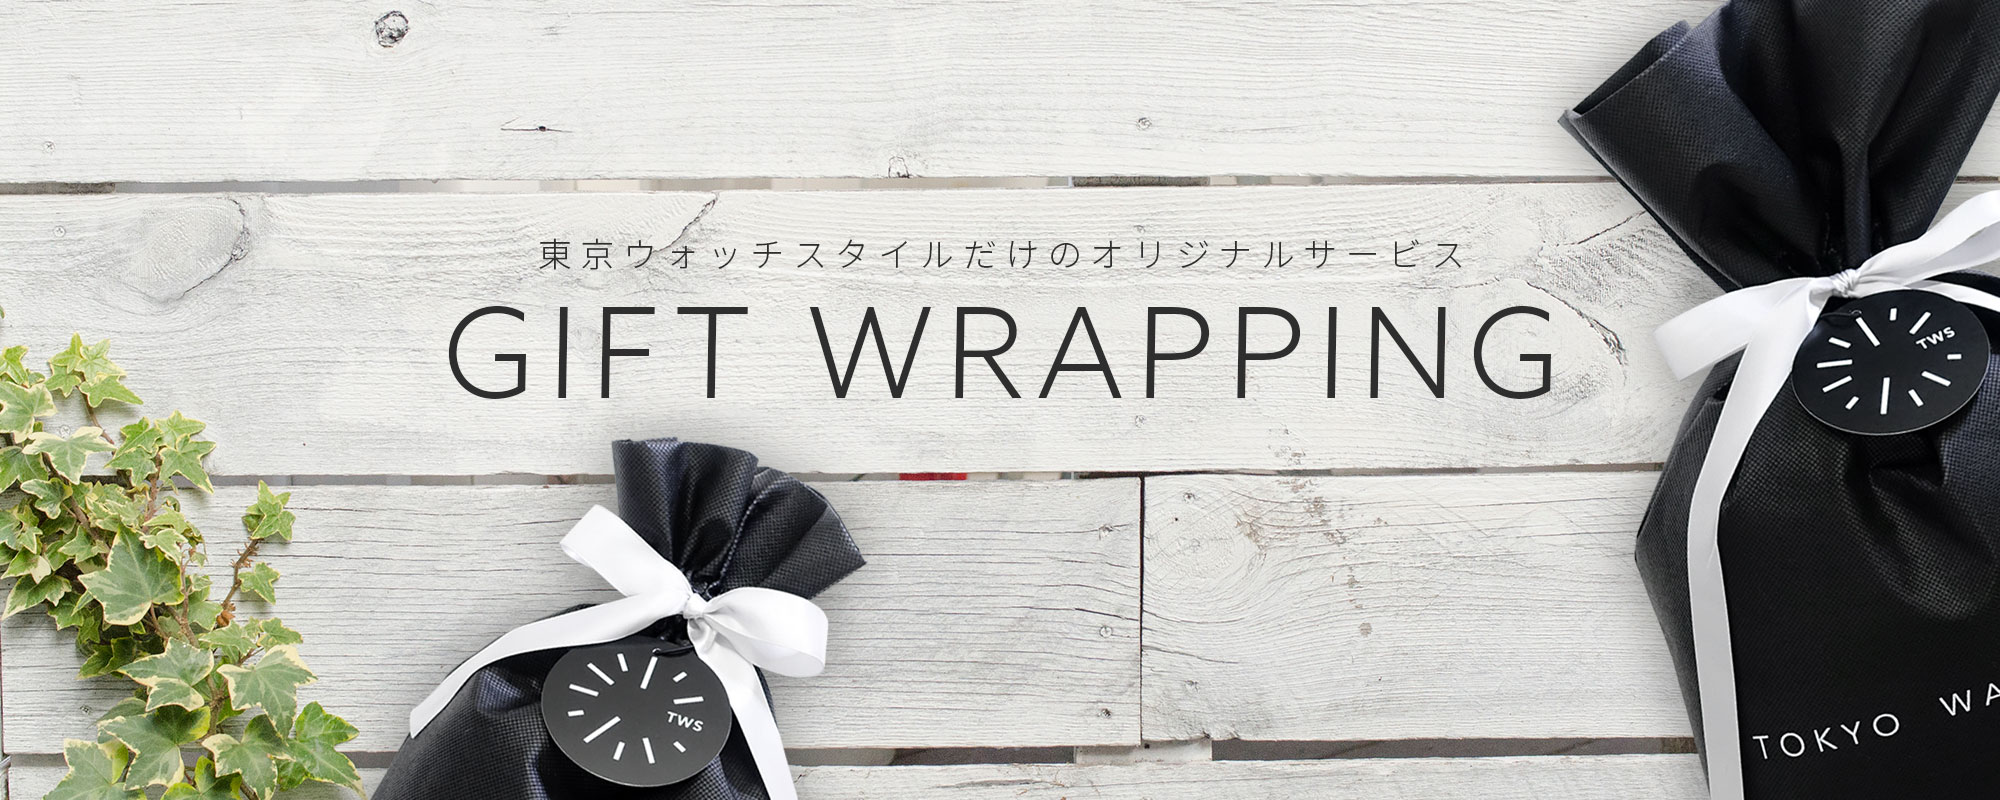 東京ウォッチスタイル ラッピングサービス